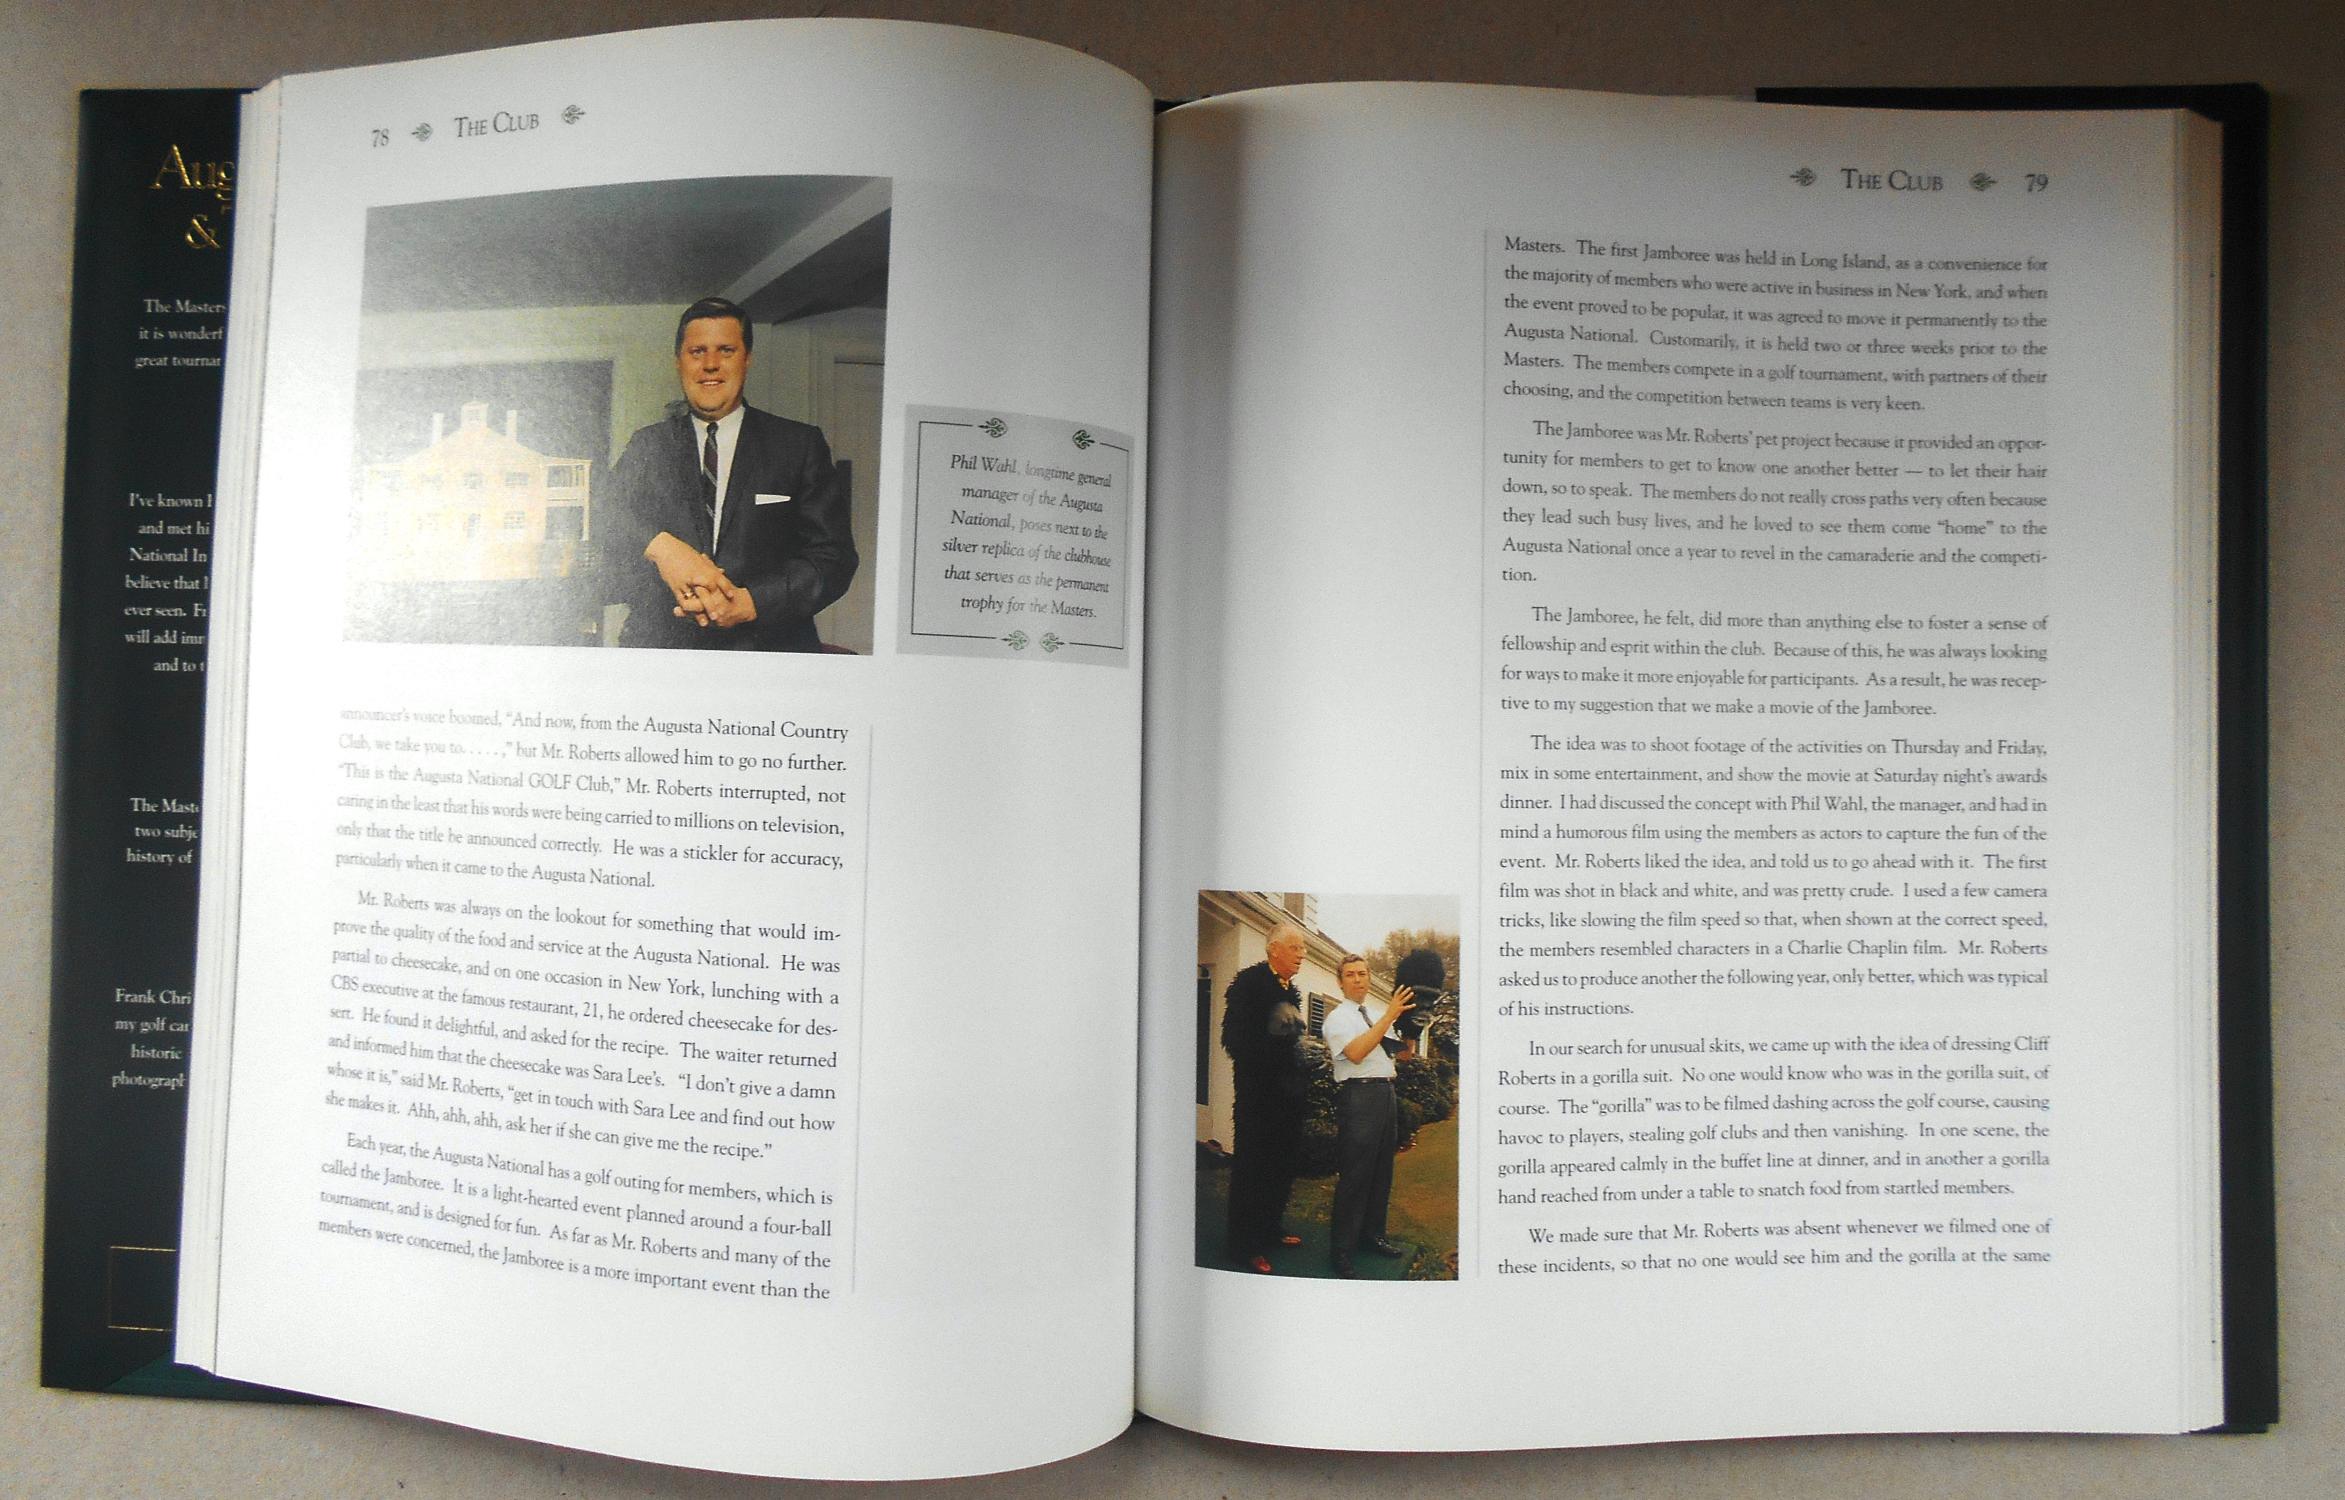 """Résultat de recherche d'images pour """"augusta national and the masters frank christian photos"""""""